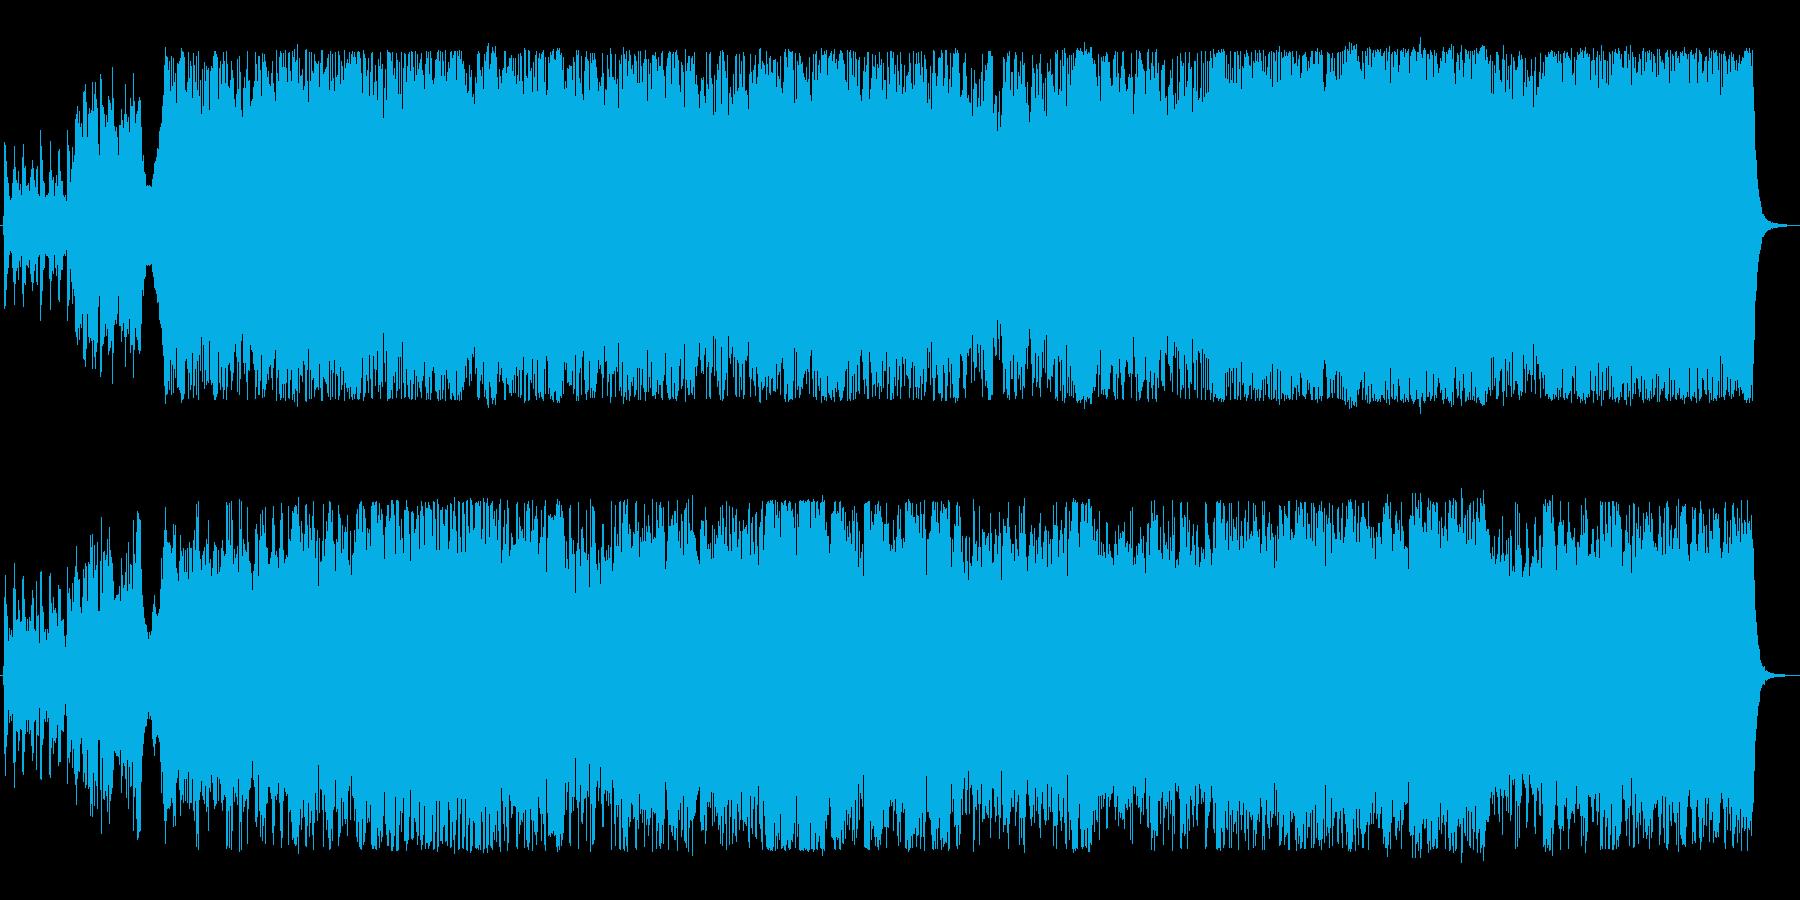 壮大なケルト 民族音楽の再生済みの波形